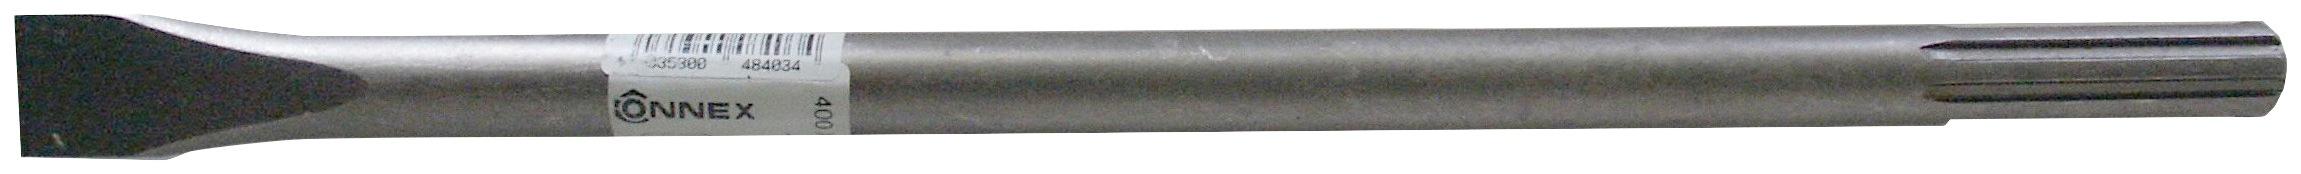 Connex Flachmeißel SDS max grau Meißel Werkzeug Maschinen